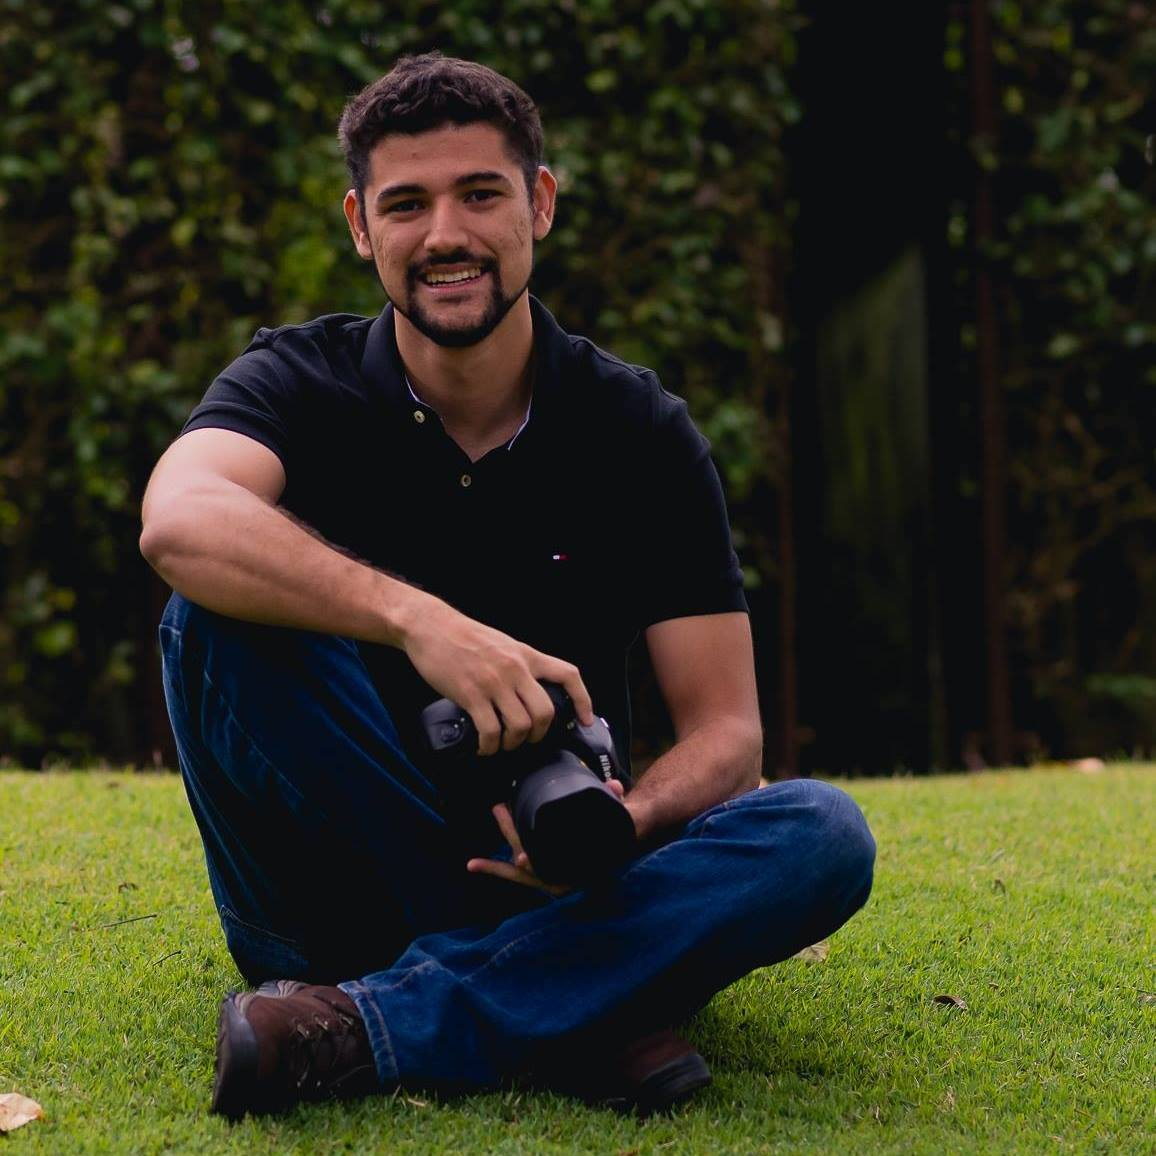 Contate Douglas Mendes Roberto - Fotógrafo de casamento, família e ensaios de Brasília-DF